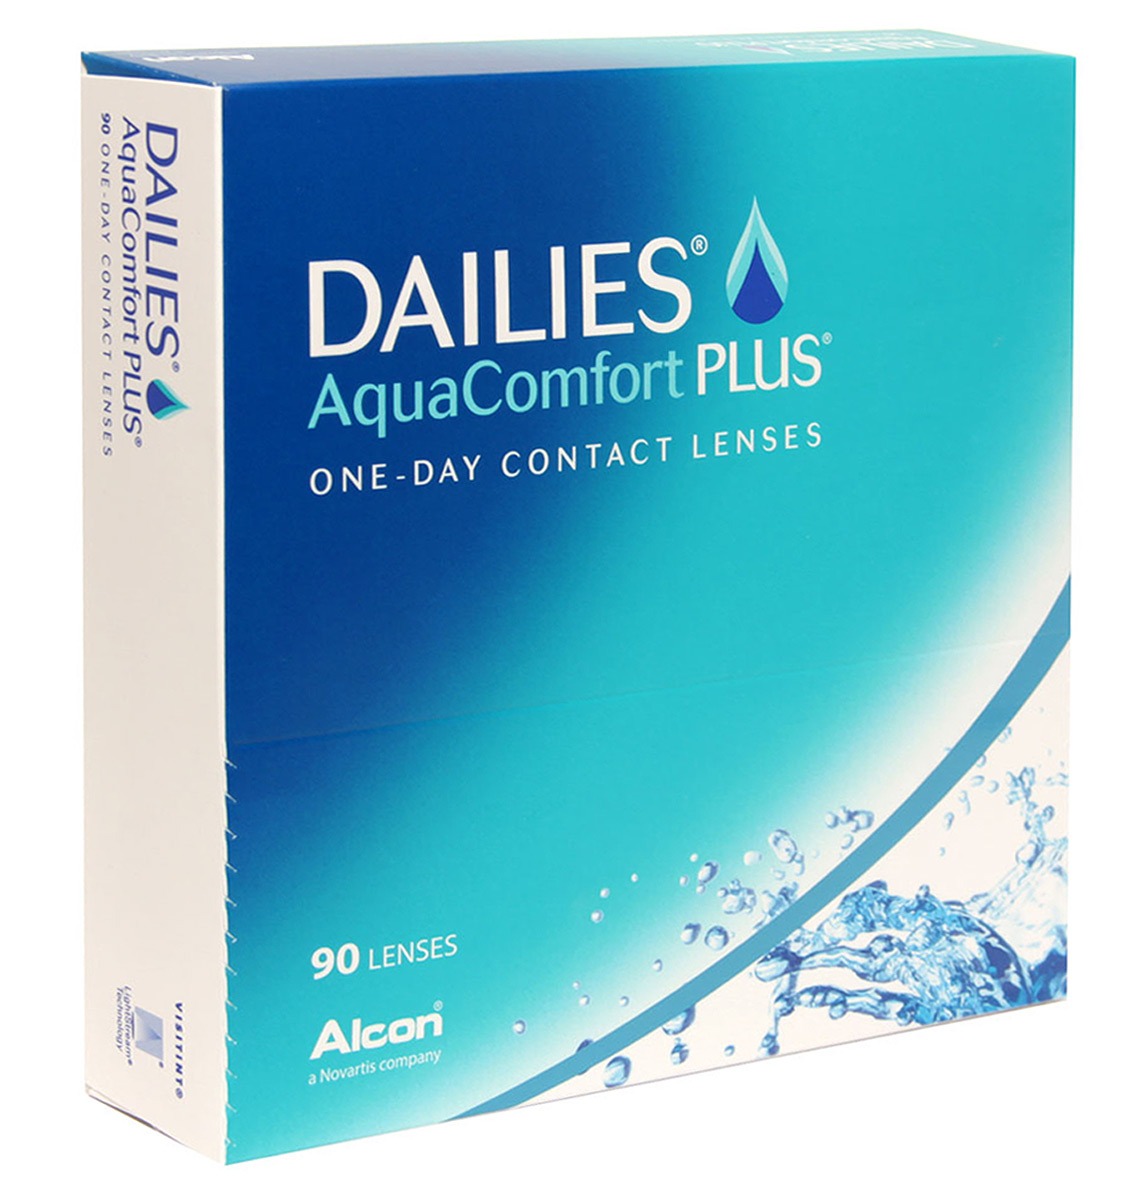 Alcon-CIBA Vision контактные линзы Dailies AquaComfort Plus (90шт / 8.7 / 14.0 / -1.75)39506Dailies AquaComfort Plus - это одни из самых популярных однодневных линз производства компании Ciba Vision. Эти линзы пользуются огромной популярностью во всем мире и являются на сегодняшний день самыми безопасными контактными линзами. Изготавливаются линзы из современного, 100% безопасного материала нелфилкон А. Особенность этого материала в том, что он легко пропускает воздух и хорошо сохраняет влагу. Однодневные контактные линзы Dailies AquaComfort Plus не нуждаются в дополнительном уходе и затратах, каждый день вы надеваете свежую пару линз. Дизайн линзы биосовместимый, что гарантирует безупречный комфорт. Самое главное достоинство Dailies AquaComfort Plus - это их уникальная система увлажнения. Благодаря этой разработке линзы увлажняются тремя различными агентами. Первый компонент, ухаживающий за линзами, находится в растворе, он как бы обволакивает линзу, обеспечивая чрезвычайно комфортное надевание. Второй агент выделяется на протяжении всего дня, он непрерывно смачивает линзы. Третий - увлажняющий агент, выделяется во время моргания, благодаря ему поддерживается постоянный комфорт. Также линзы имеют УФ-фильтр, который будет заботиться о ваших глазах. Dailies AquaComfort Plus - одни из лучших линз в своей категории. Всемирно известная компания Ciba Vision, создавая эти контактные линзы, попыталась учесть все потребности пациентов и ей это удалось! Характеристики:Материал: нелфилкон А. Кривизна: 8.6. Оптическая сила: - 1.75. Содержание воды: 69%. Диаметр: 13,8 мм. Количество линз: 90 шт. Размер упаковки: 15 см х 15,5 см х 3 см. Производитель: США. Товар сертифицирован.Контактные линзы или очки: советы офтальмологов. Статья OZON Гид